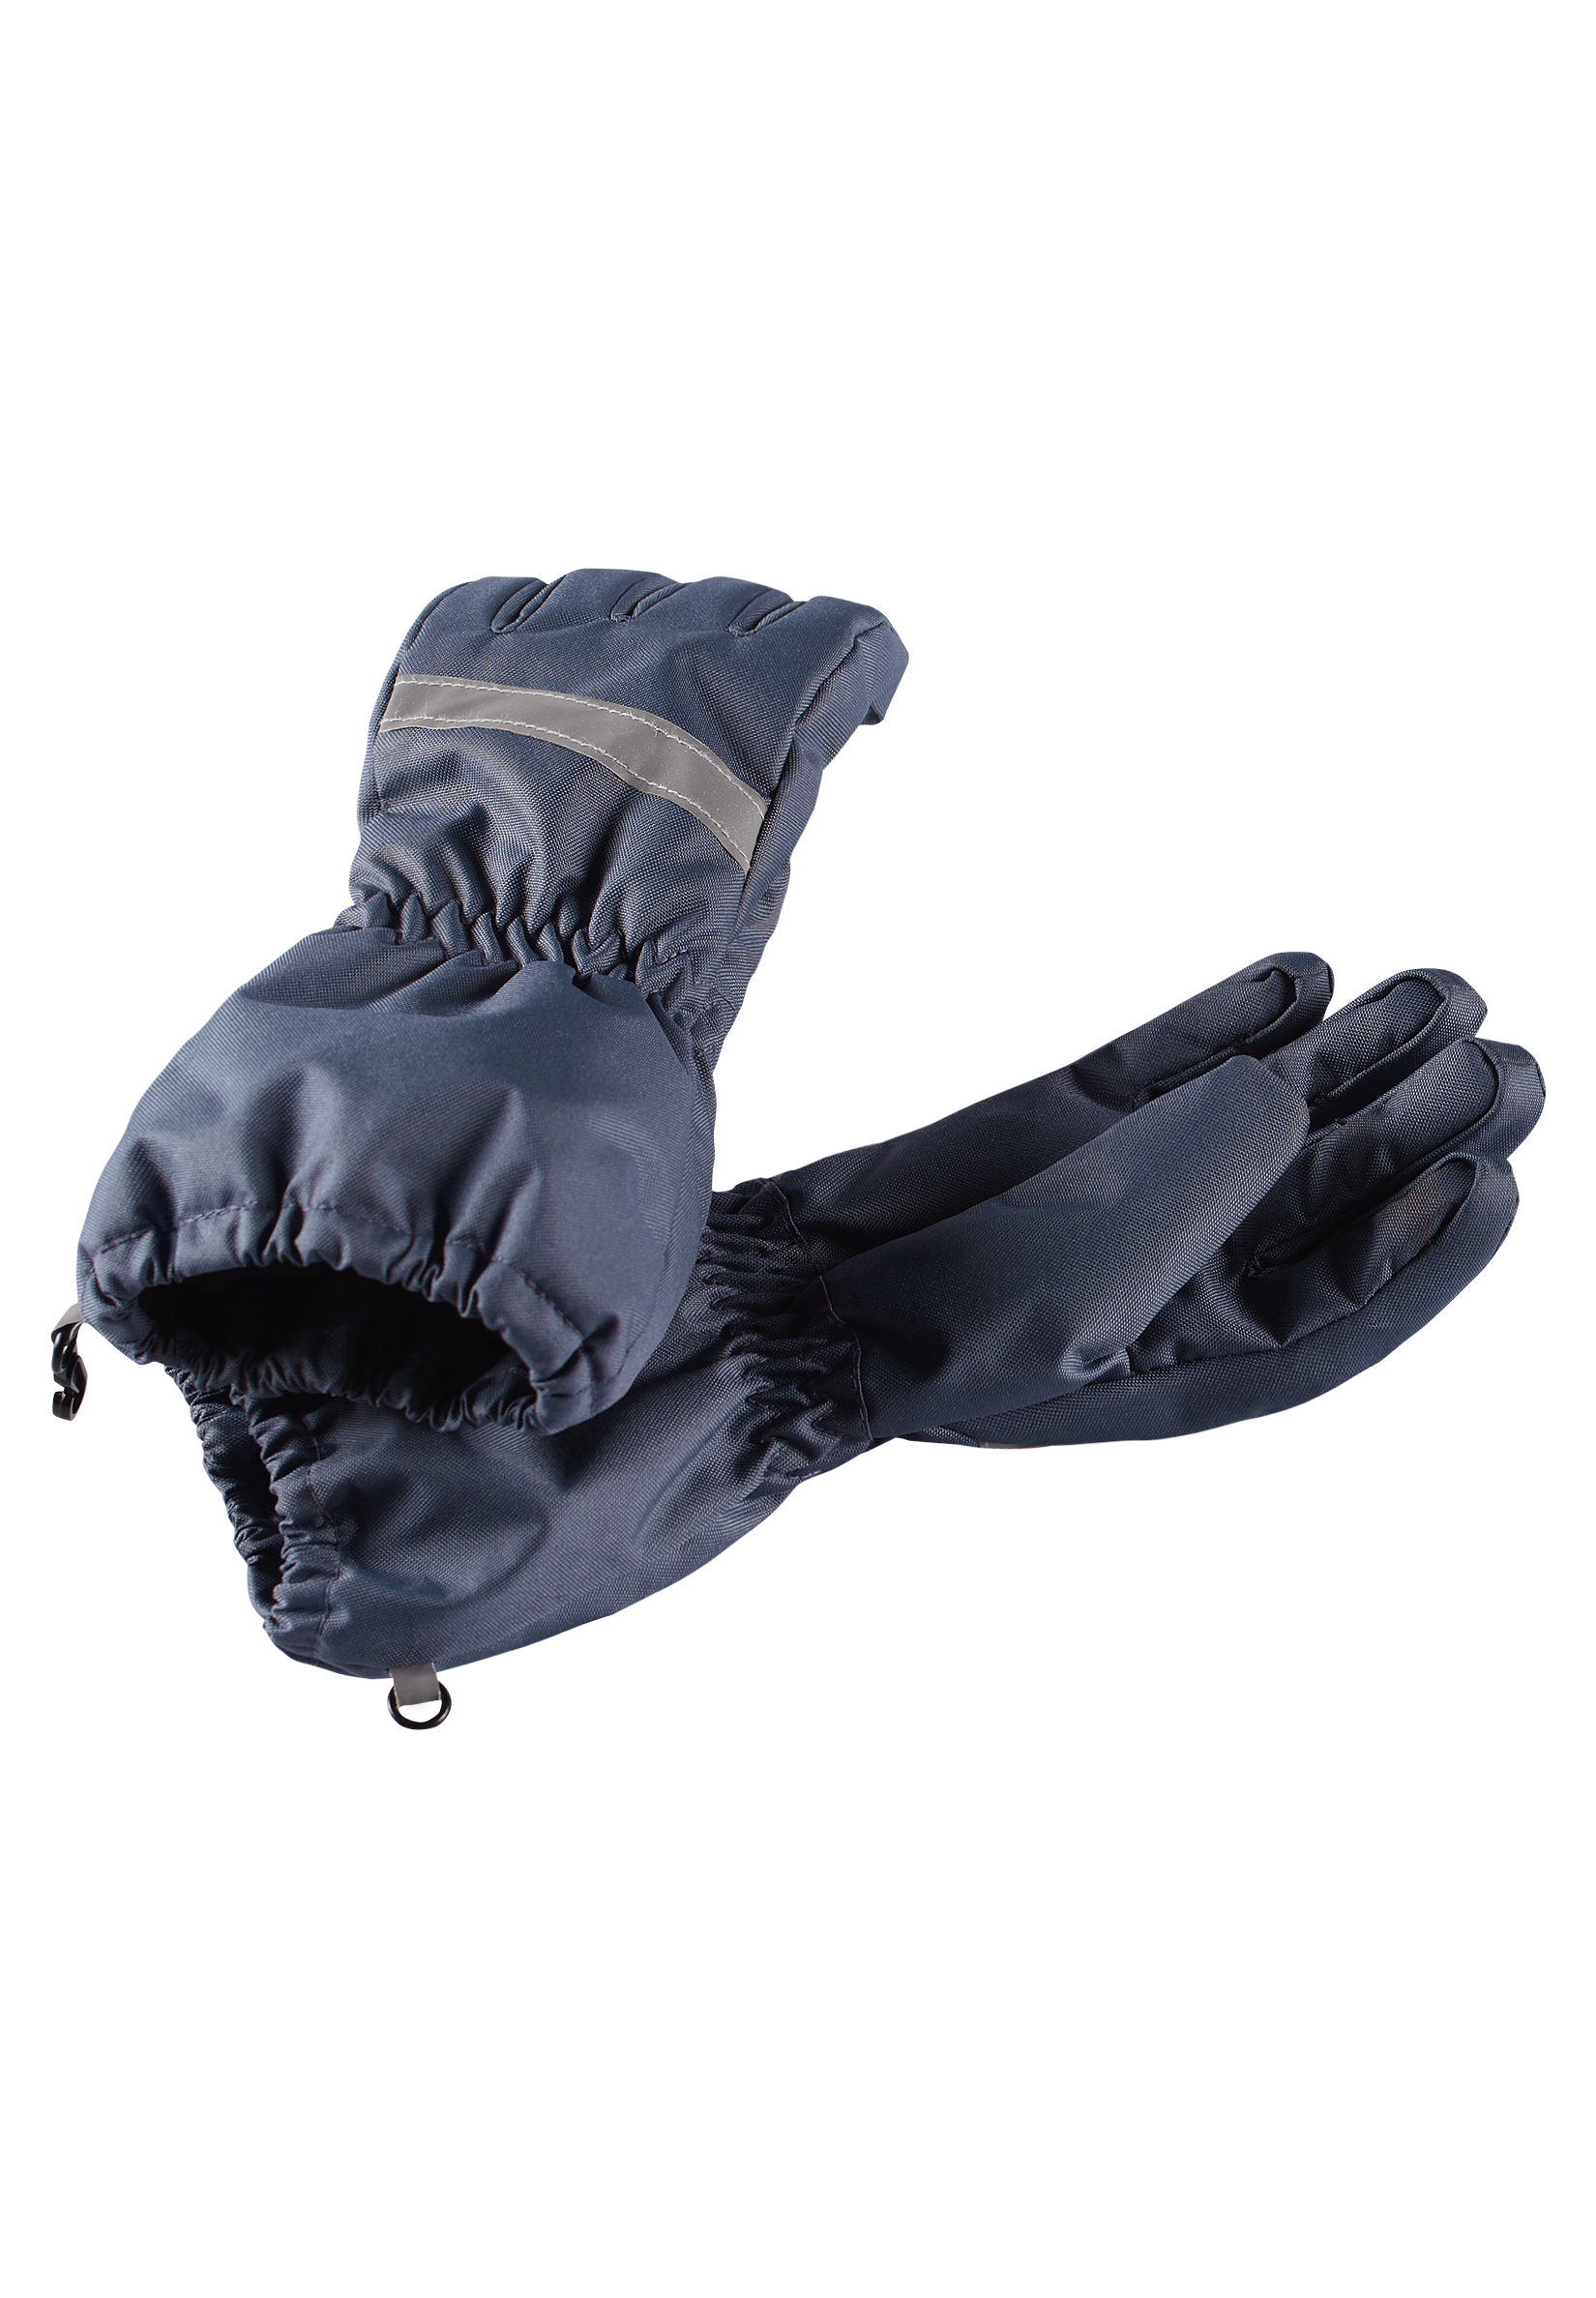 Варежки и перчатки Lassie Перчатки Lassie, серые цена 2017